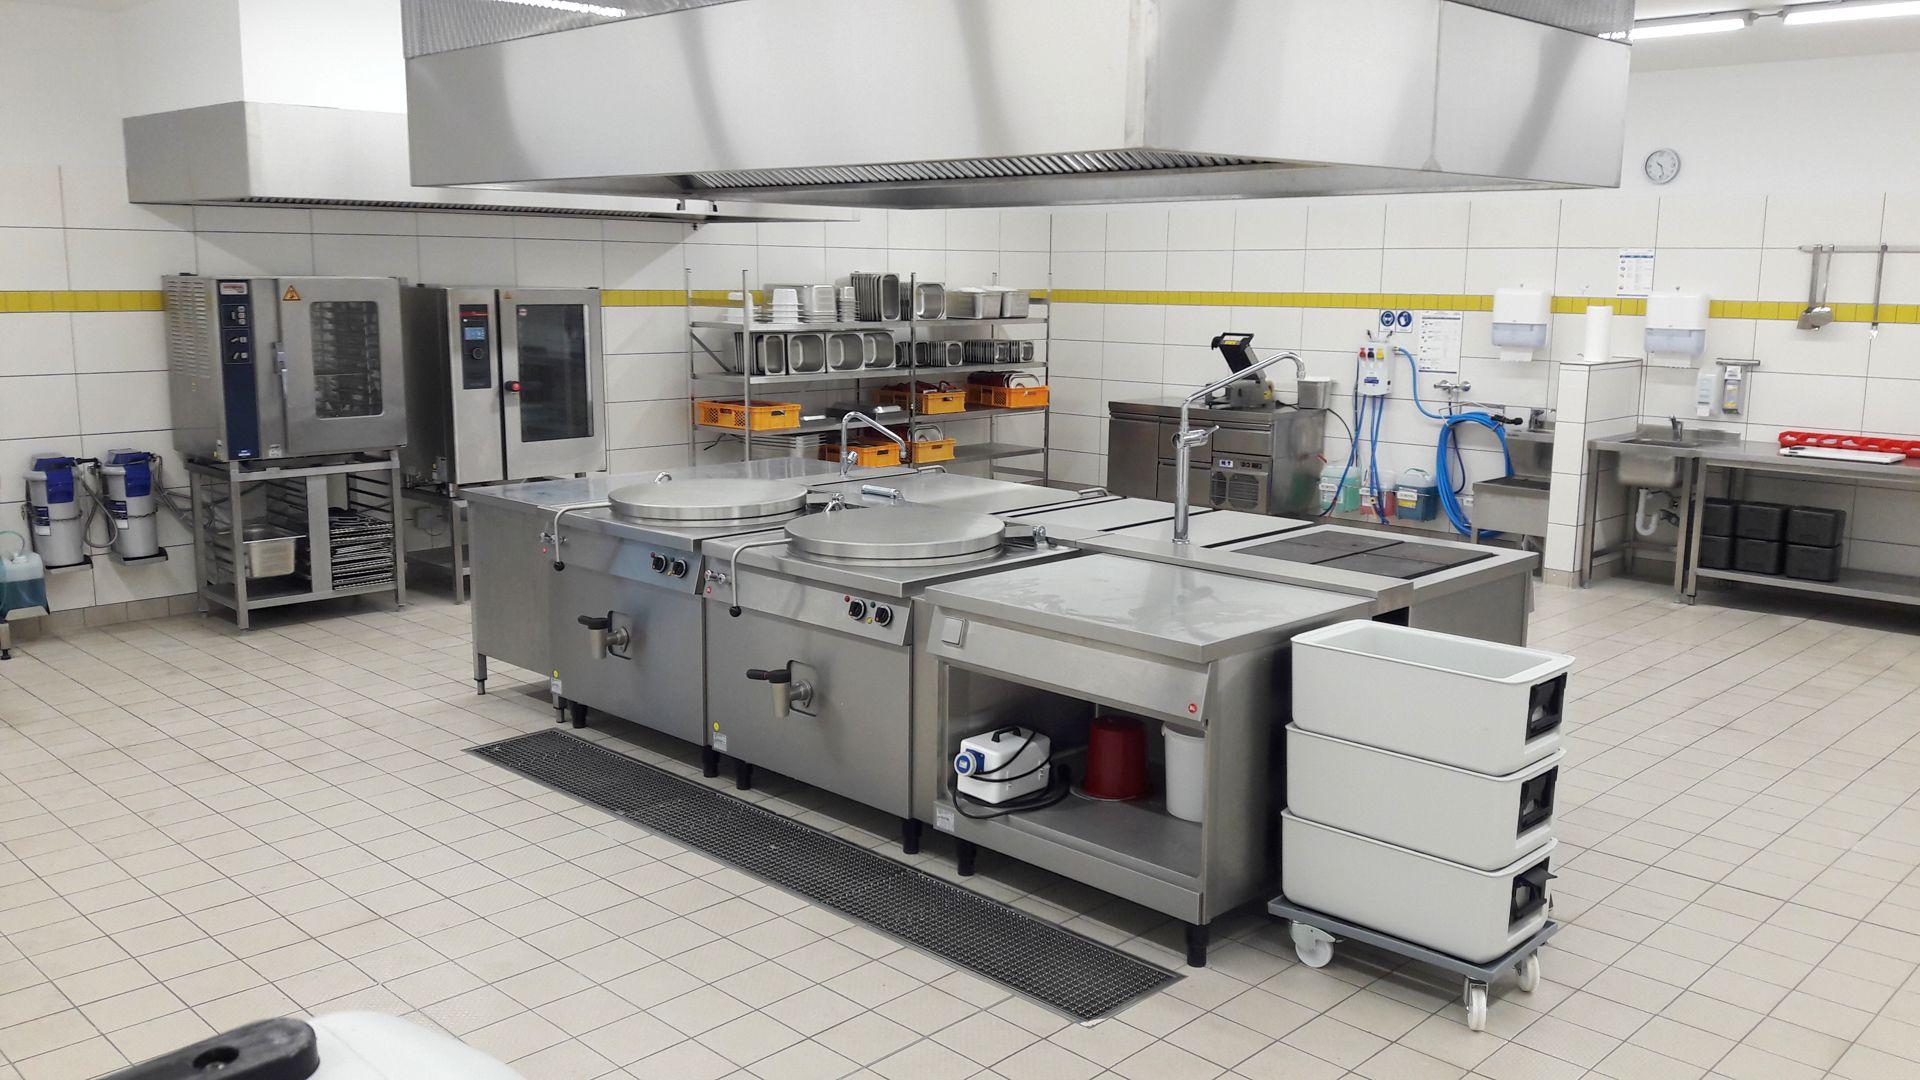 Großartig Stadt Küche Catering Ideen - Küche Set Ideen ...